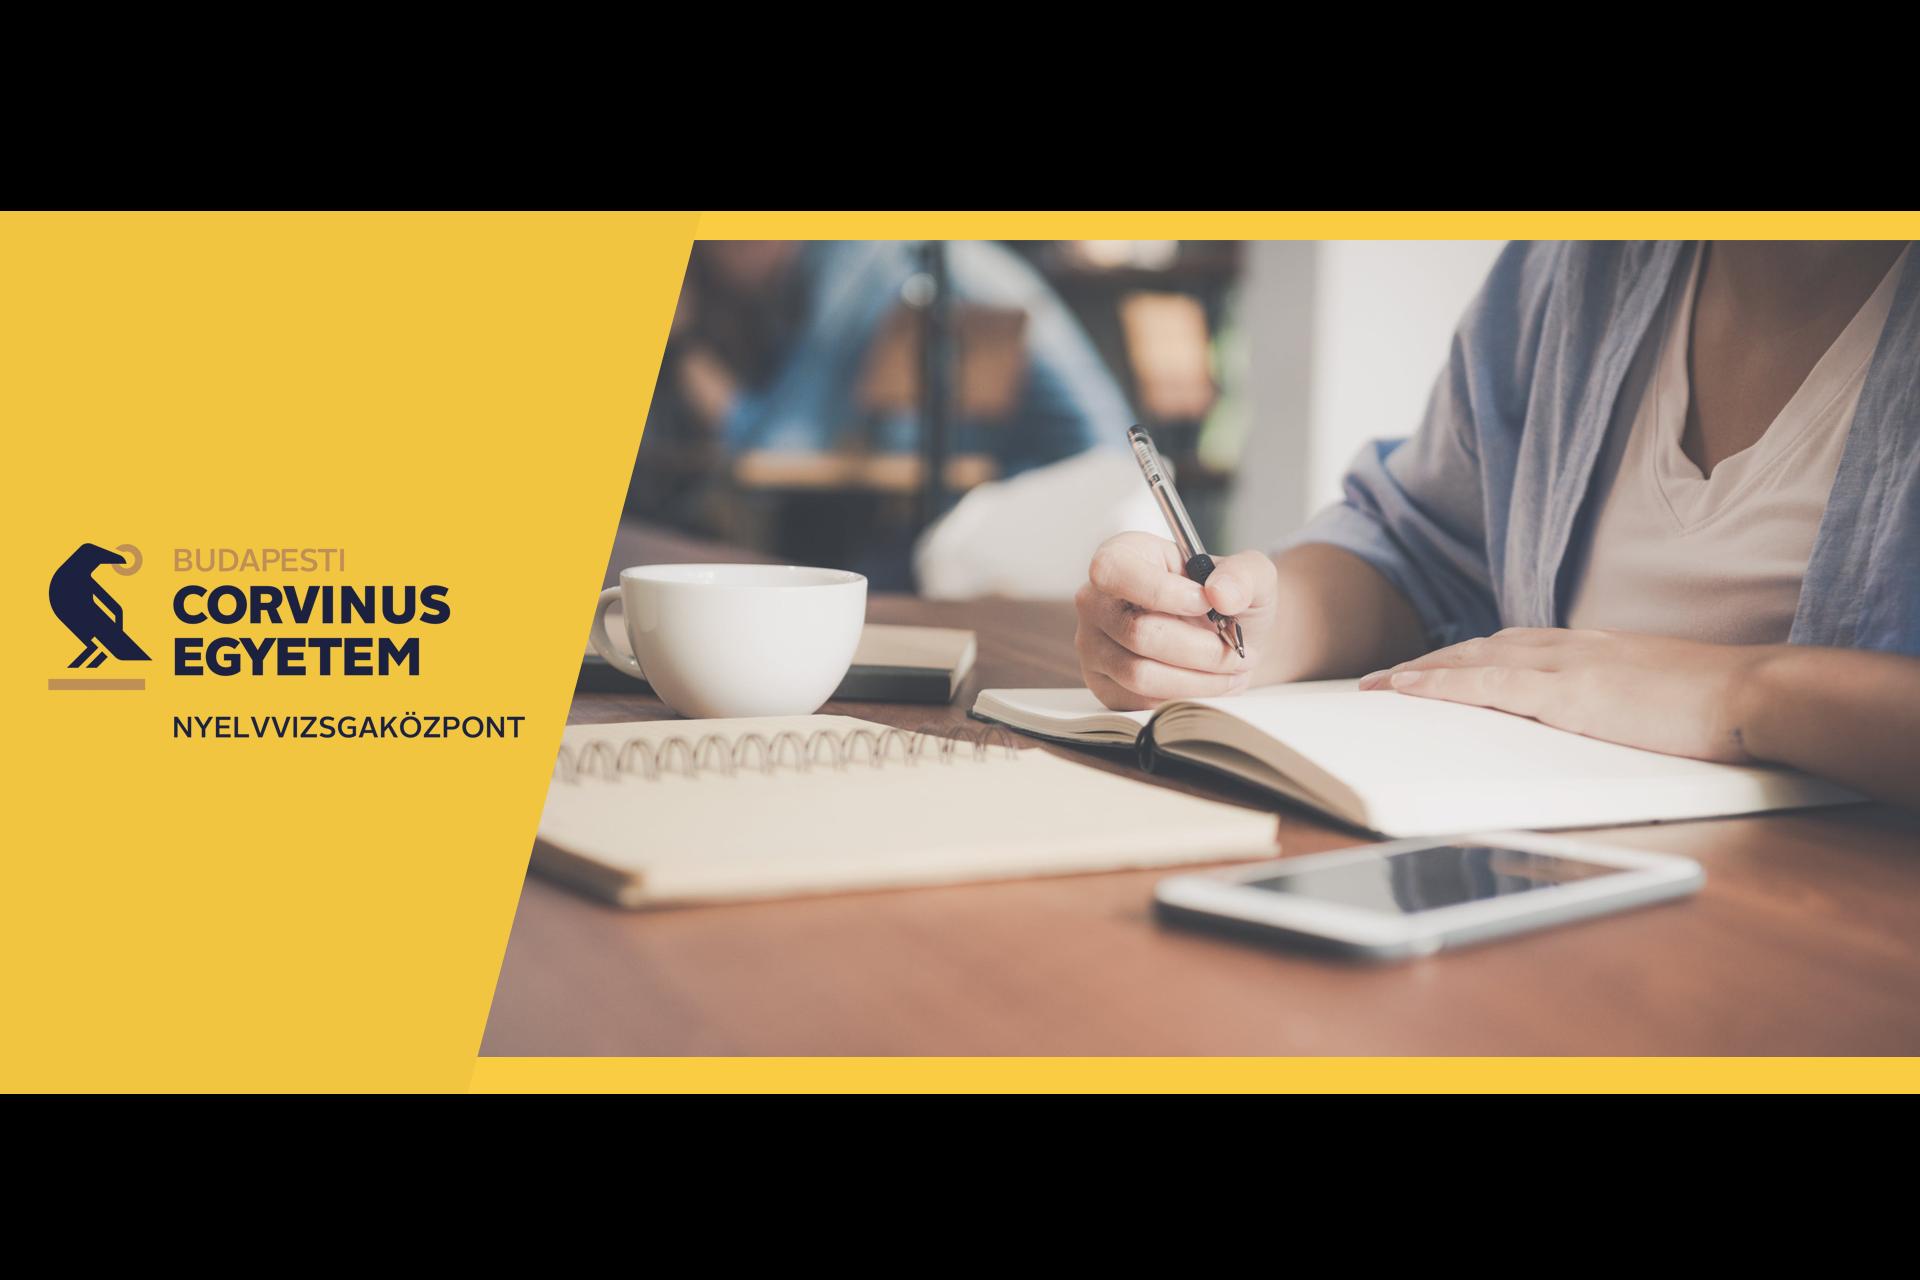 Corvinus Nyelvvizsga tájékoztató a vizsgákról